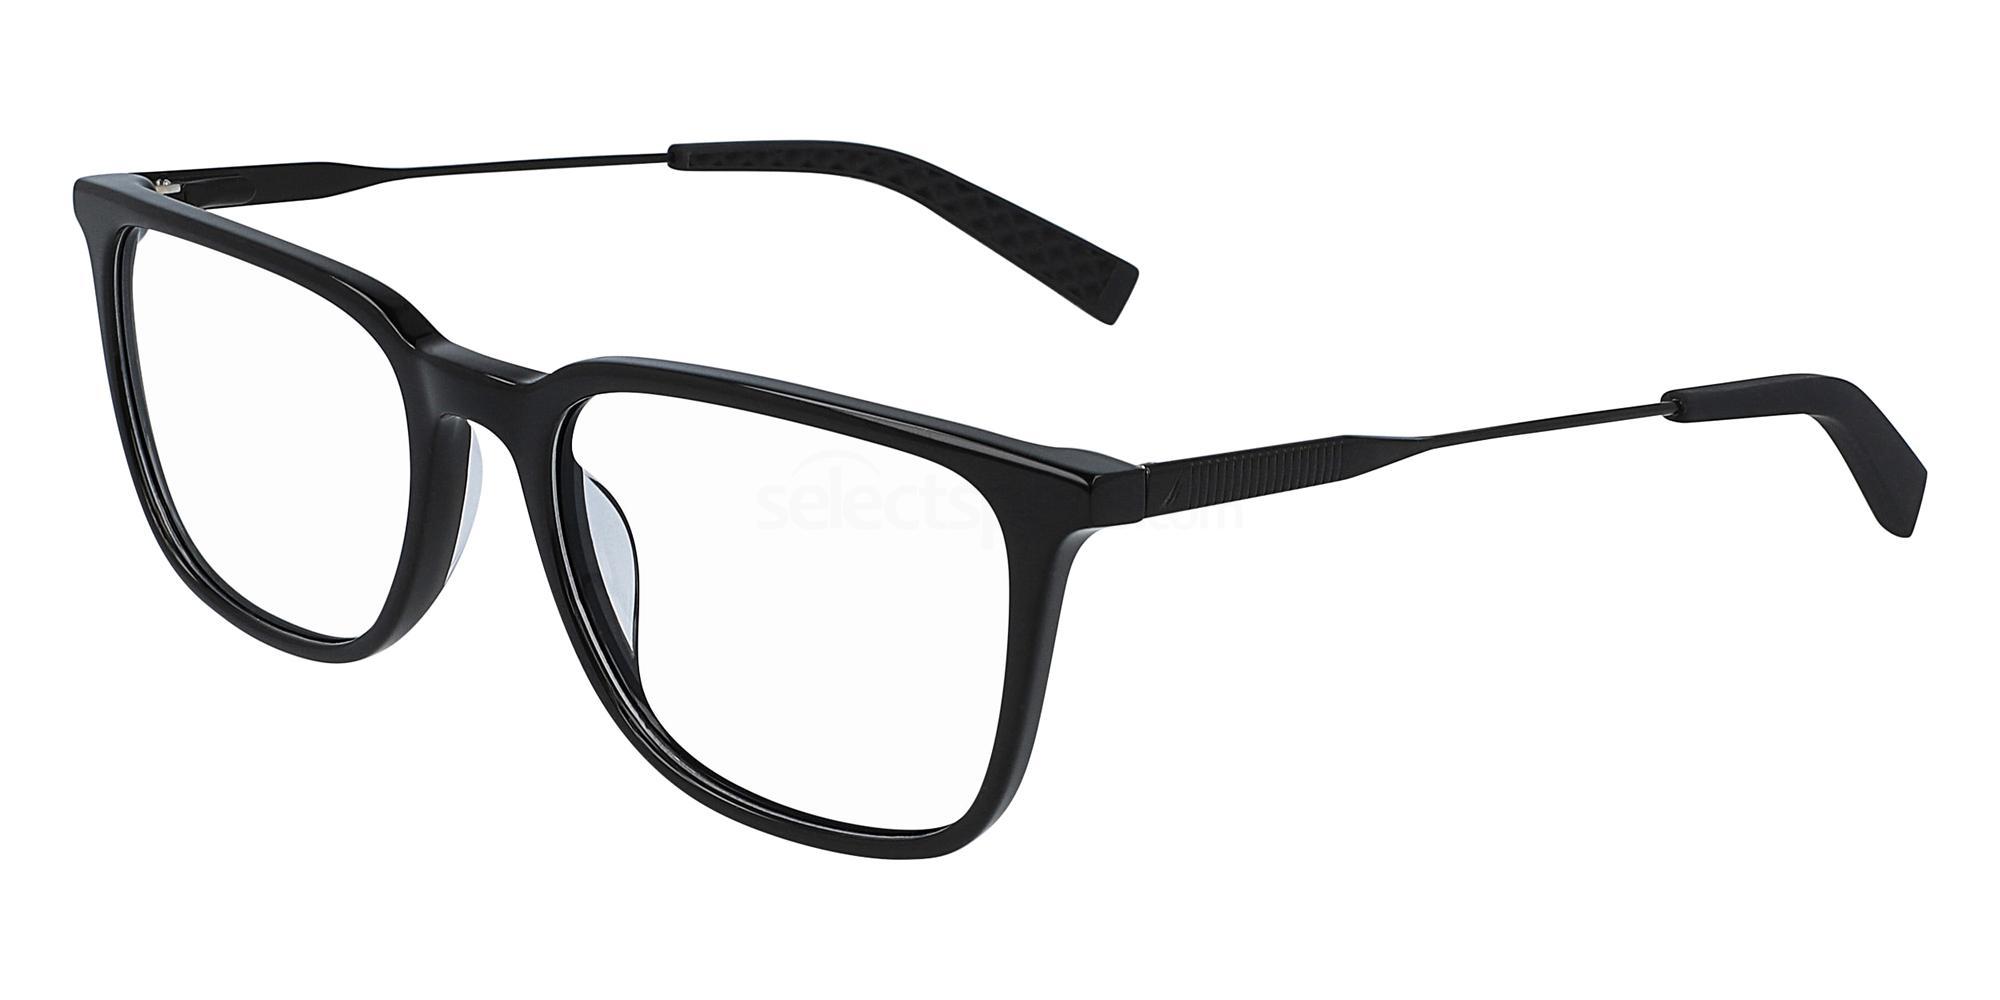 001 N8149 Glasses, Nautica